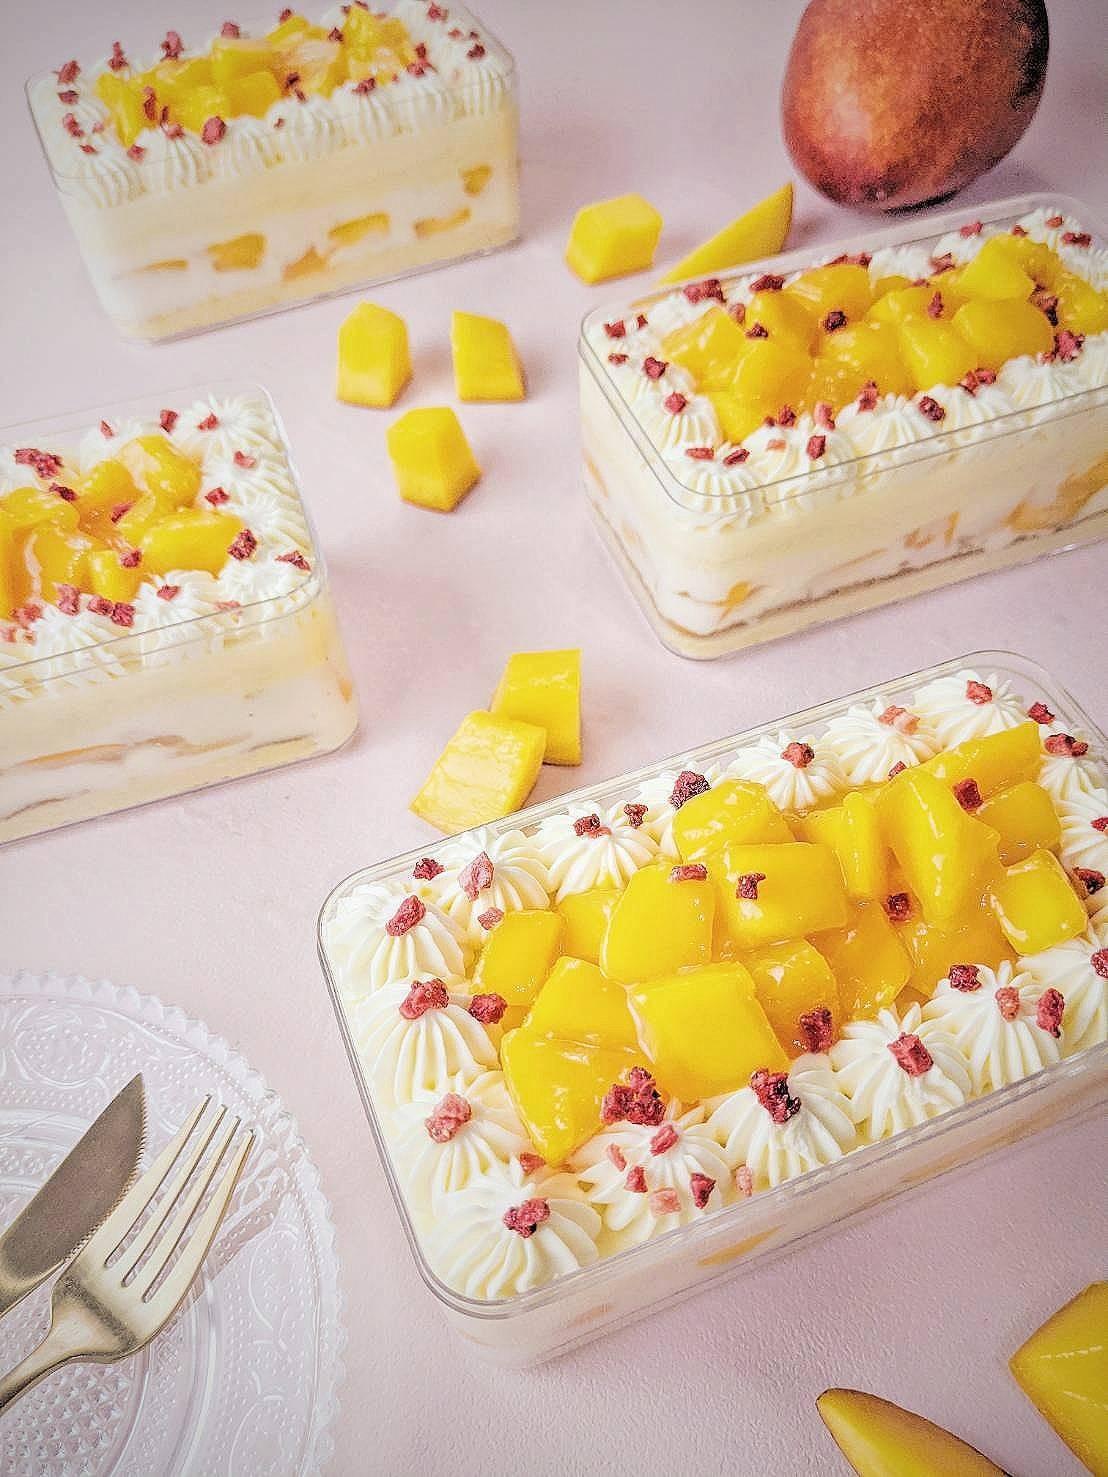 香芒萬丈 芒果寶盒#非素食#彌月禮盒#愛文芒果#百香果#蛋糕#伴手禮